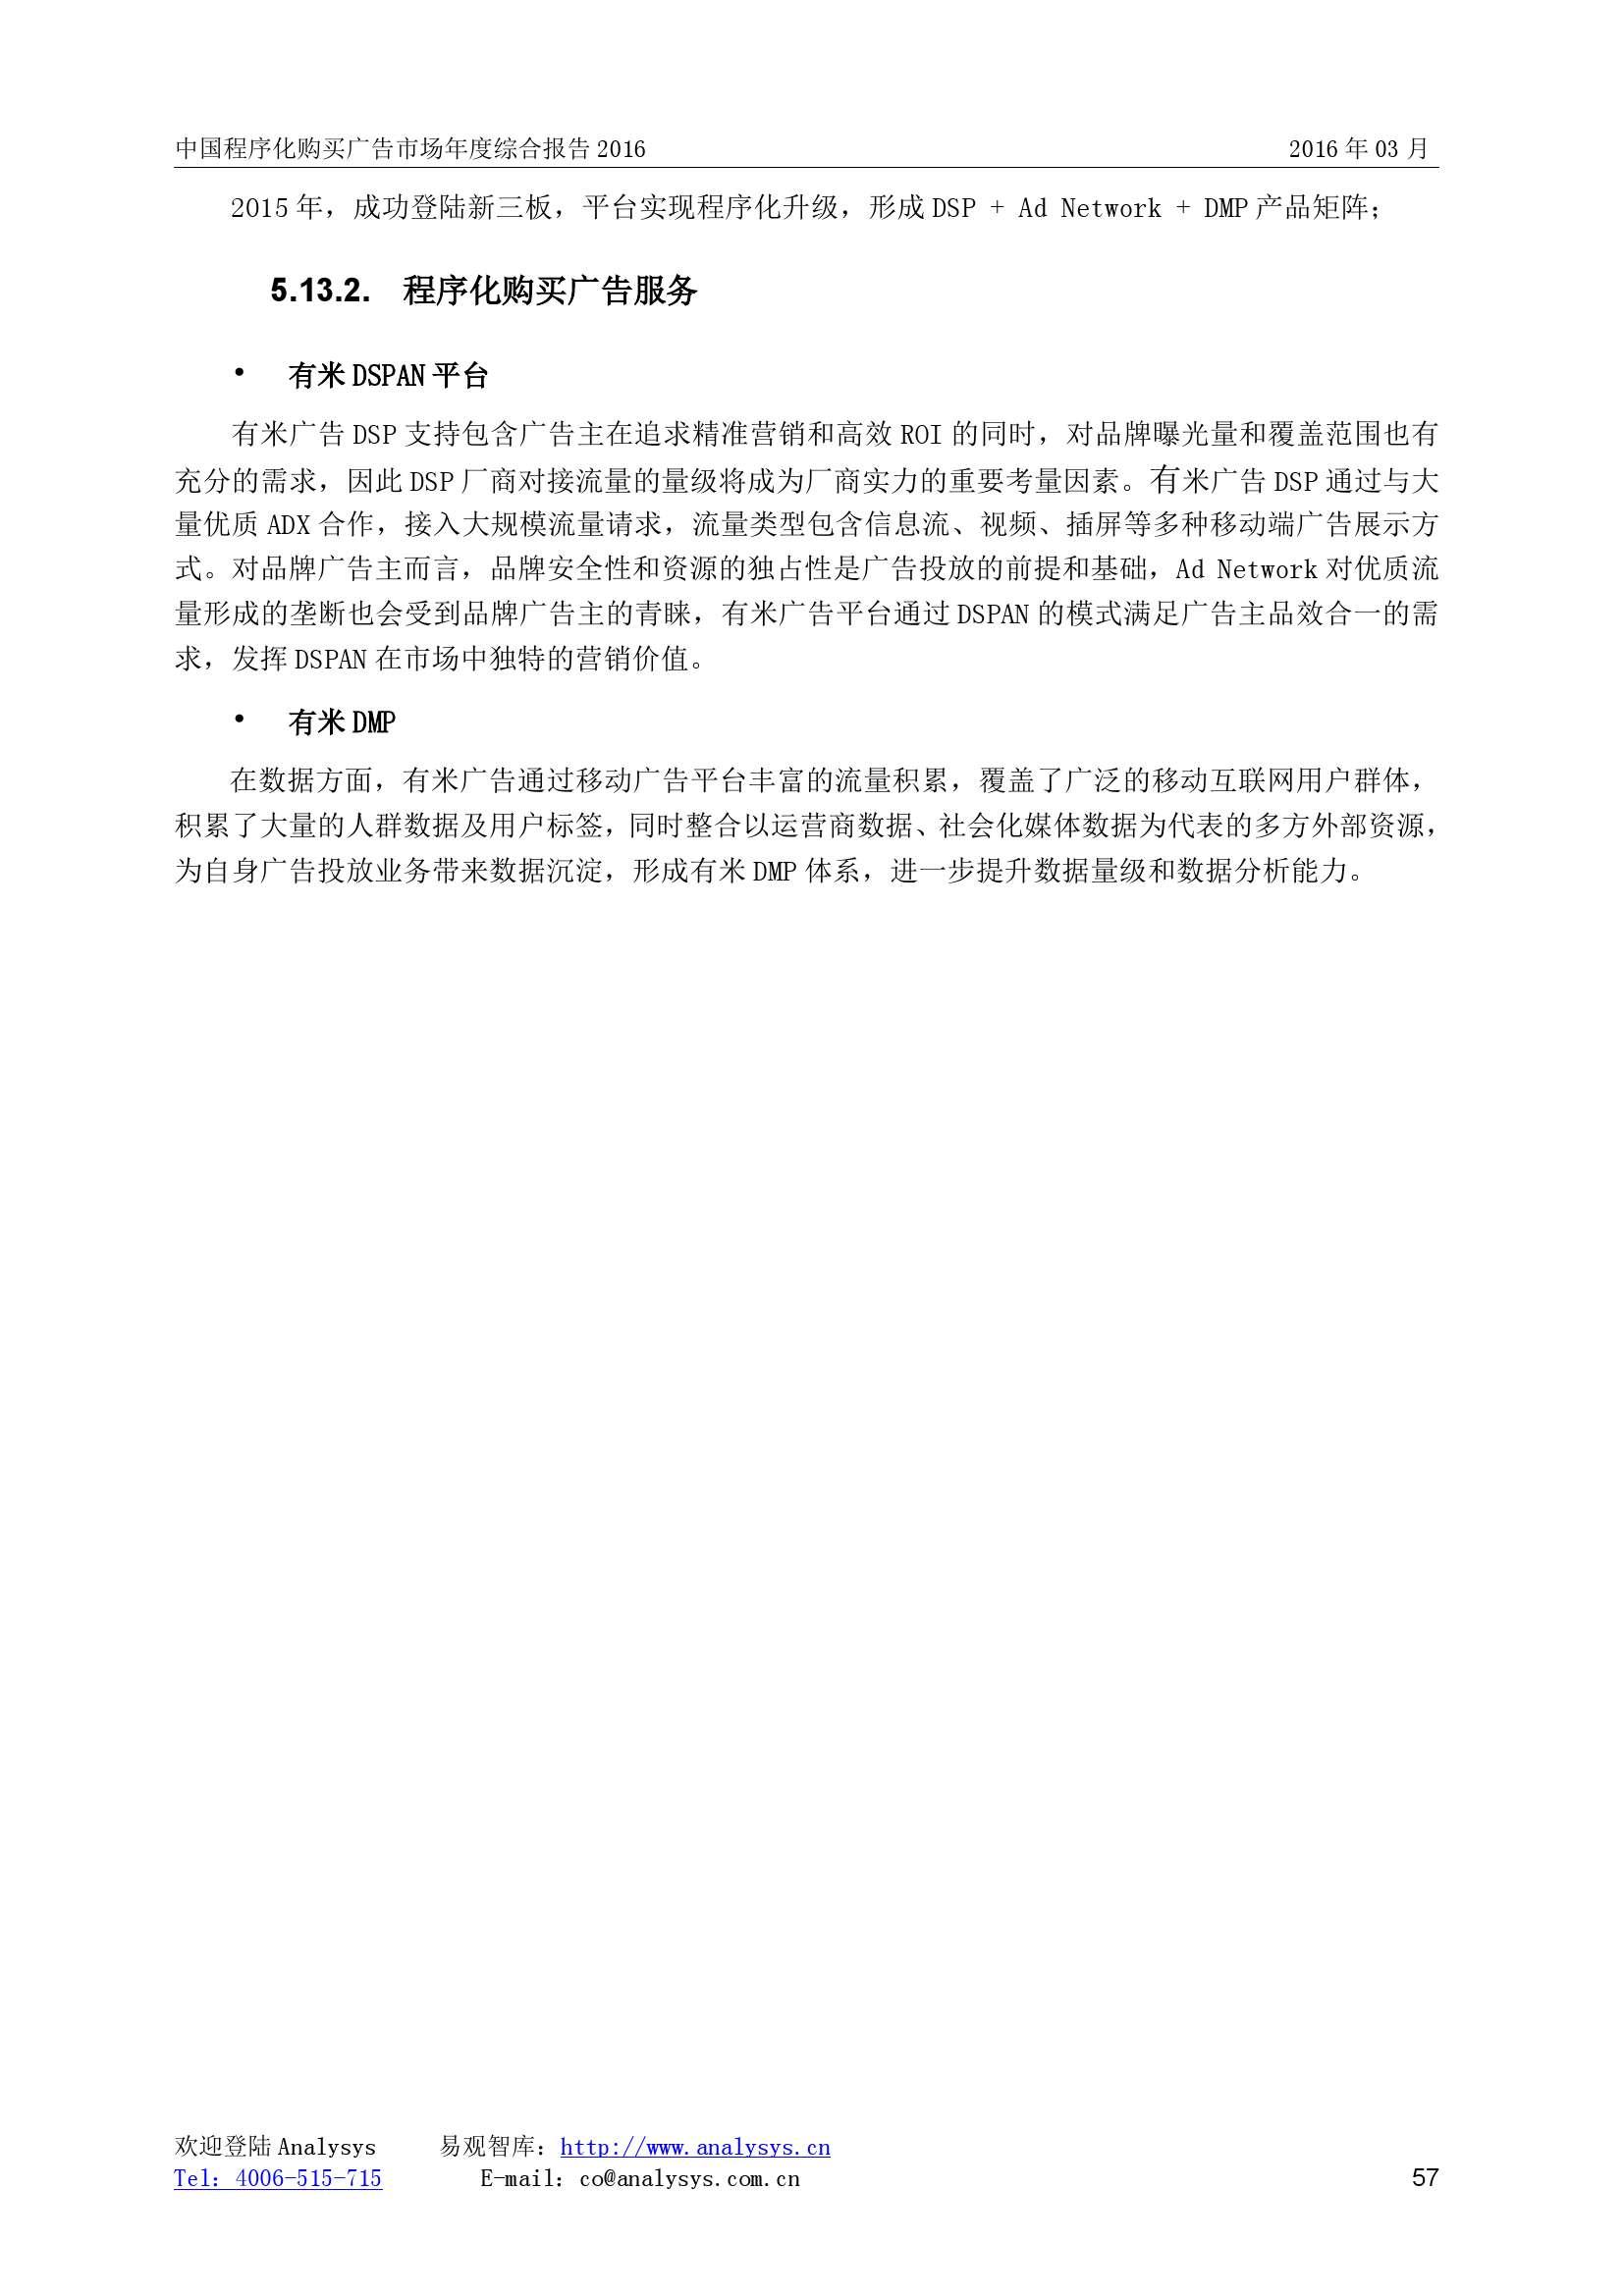 中国程序化购买广告市场年度综合报告2016_000057